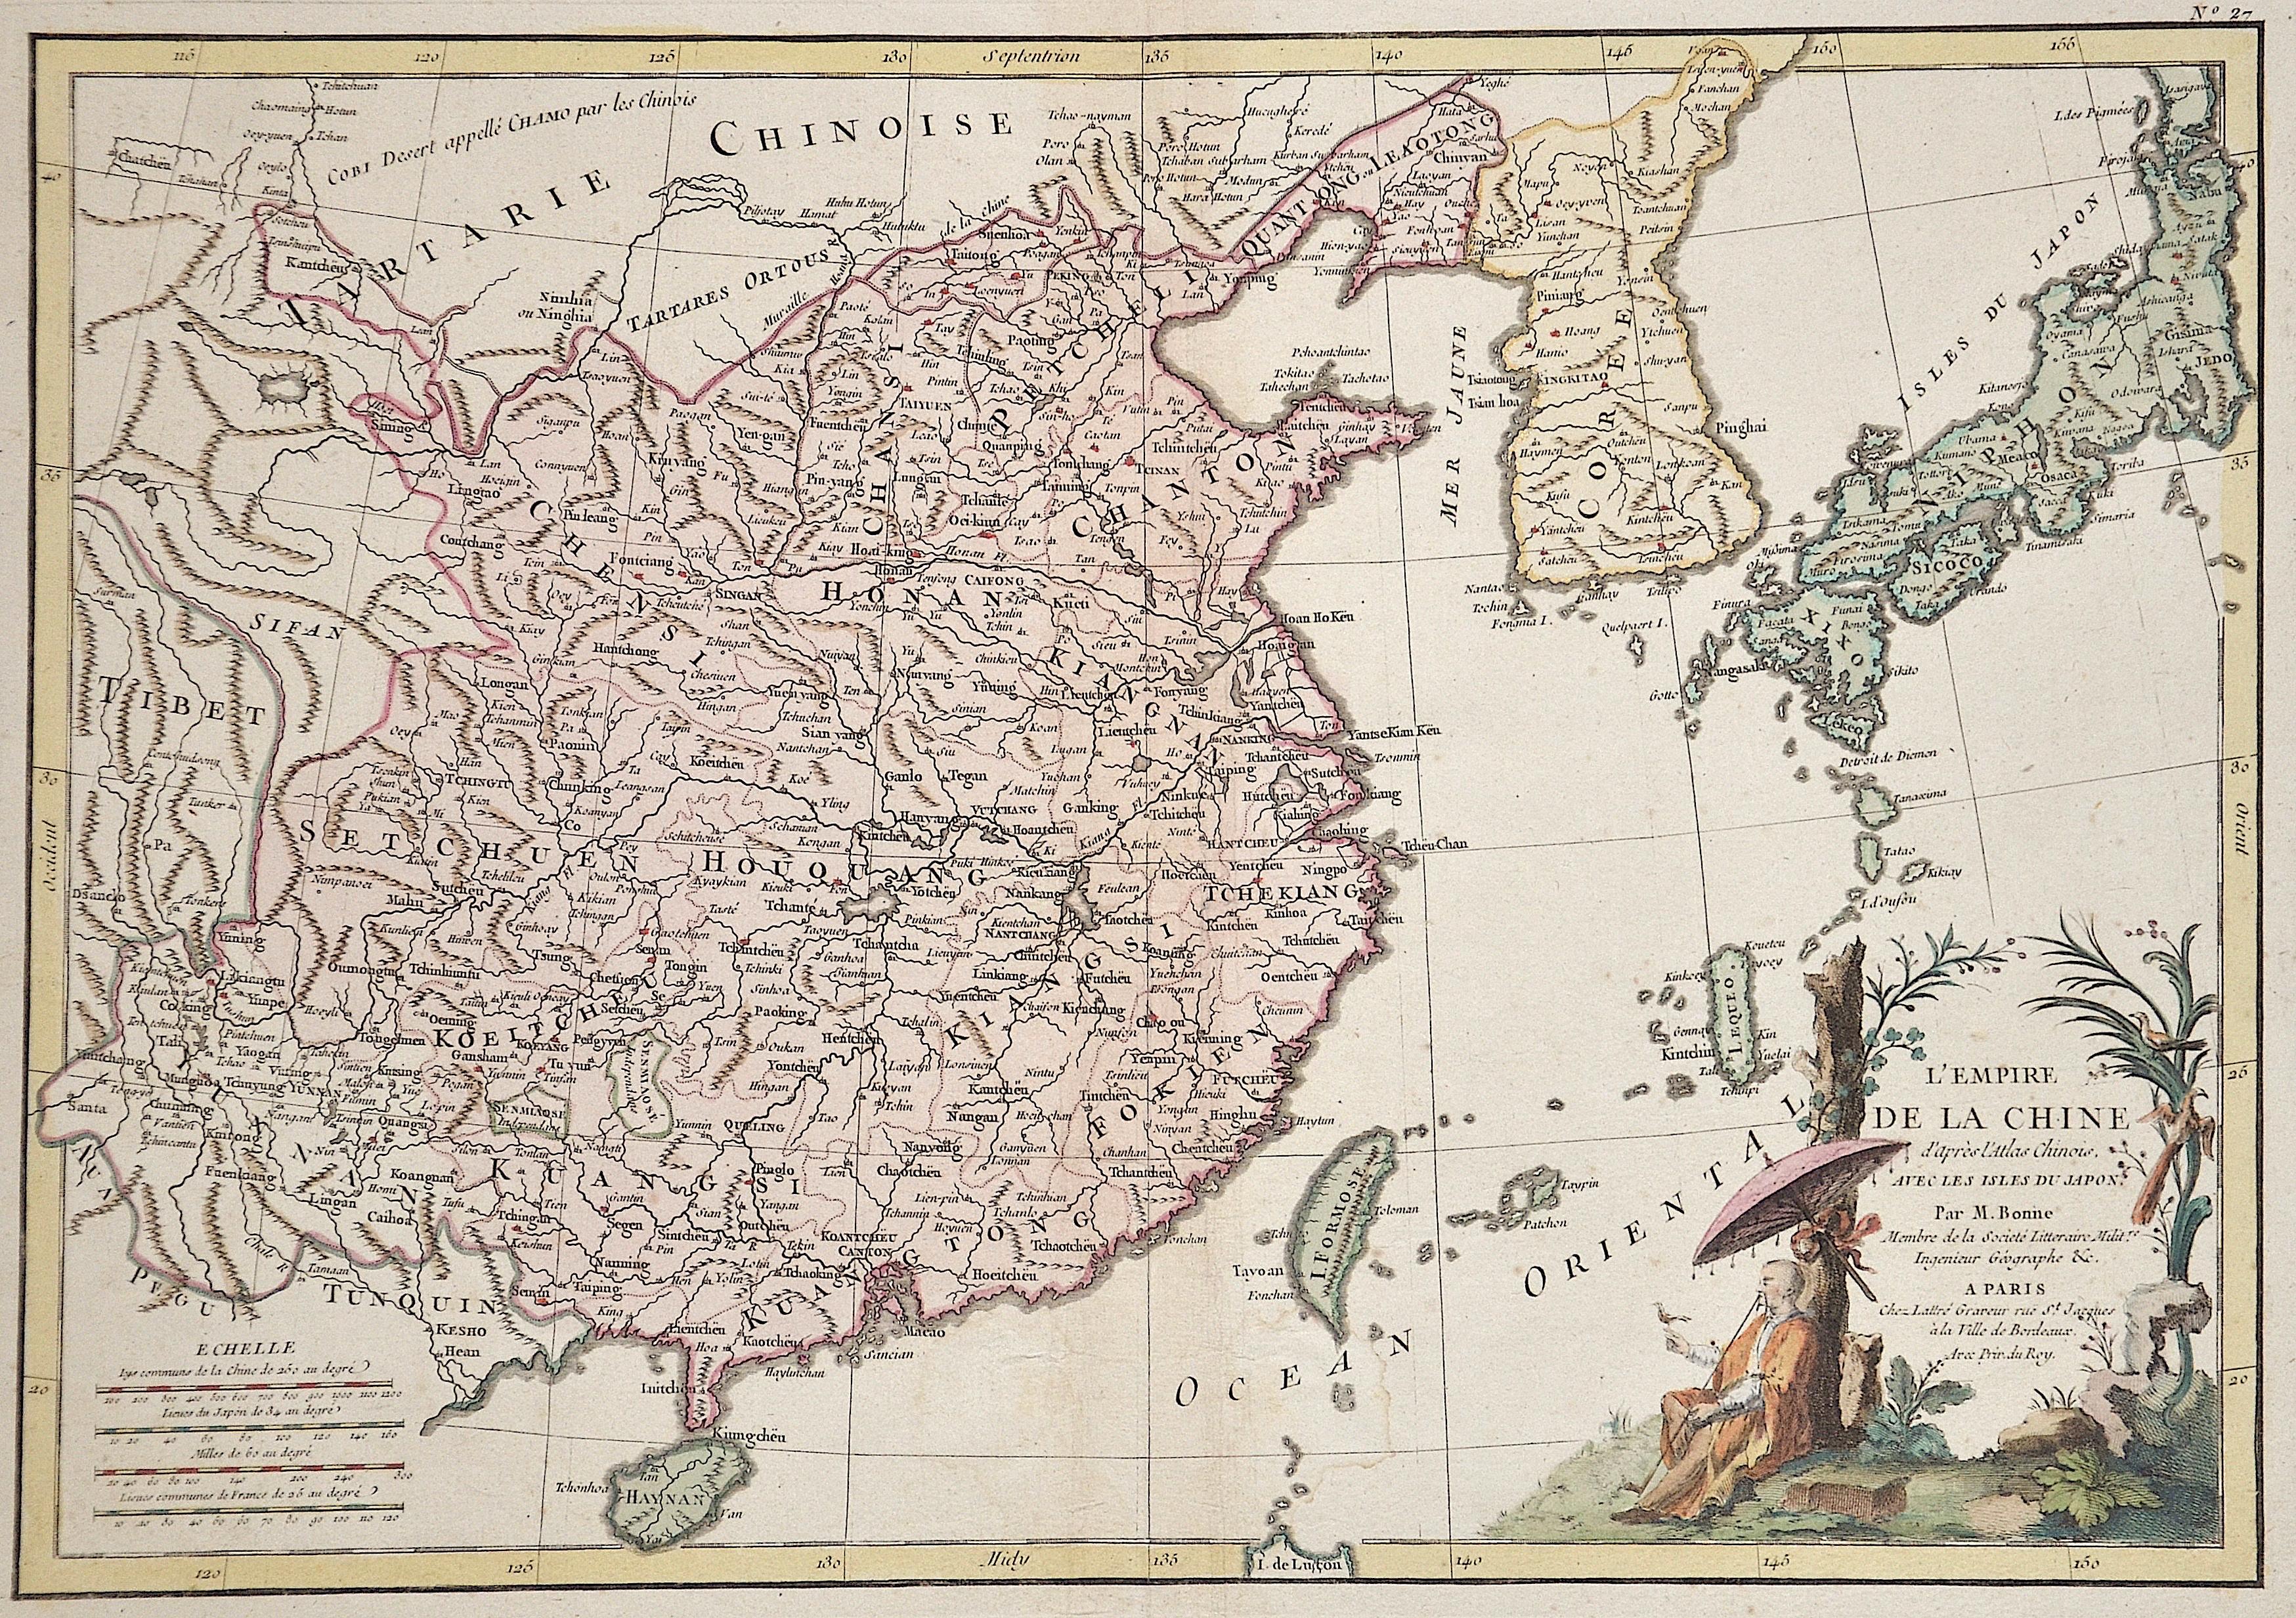 Bonne Rigobert L'Empire de la Chine d'apres l'Atlas Chinois, avec les Isles du Japon.